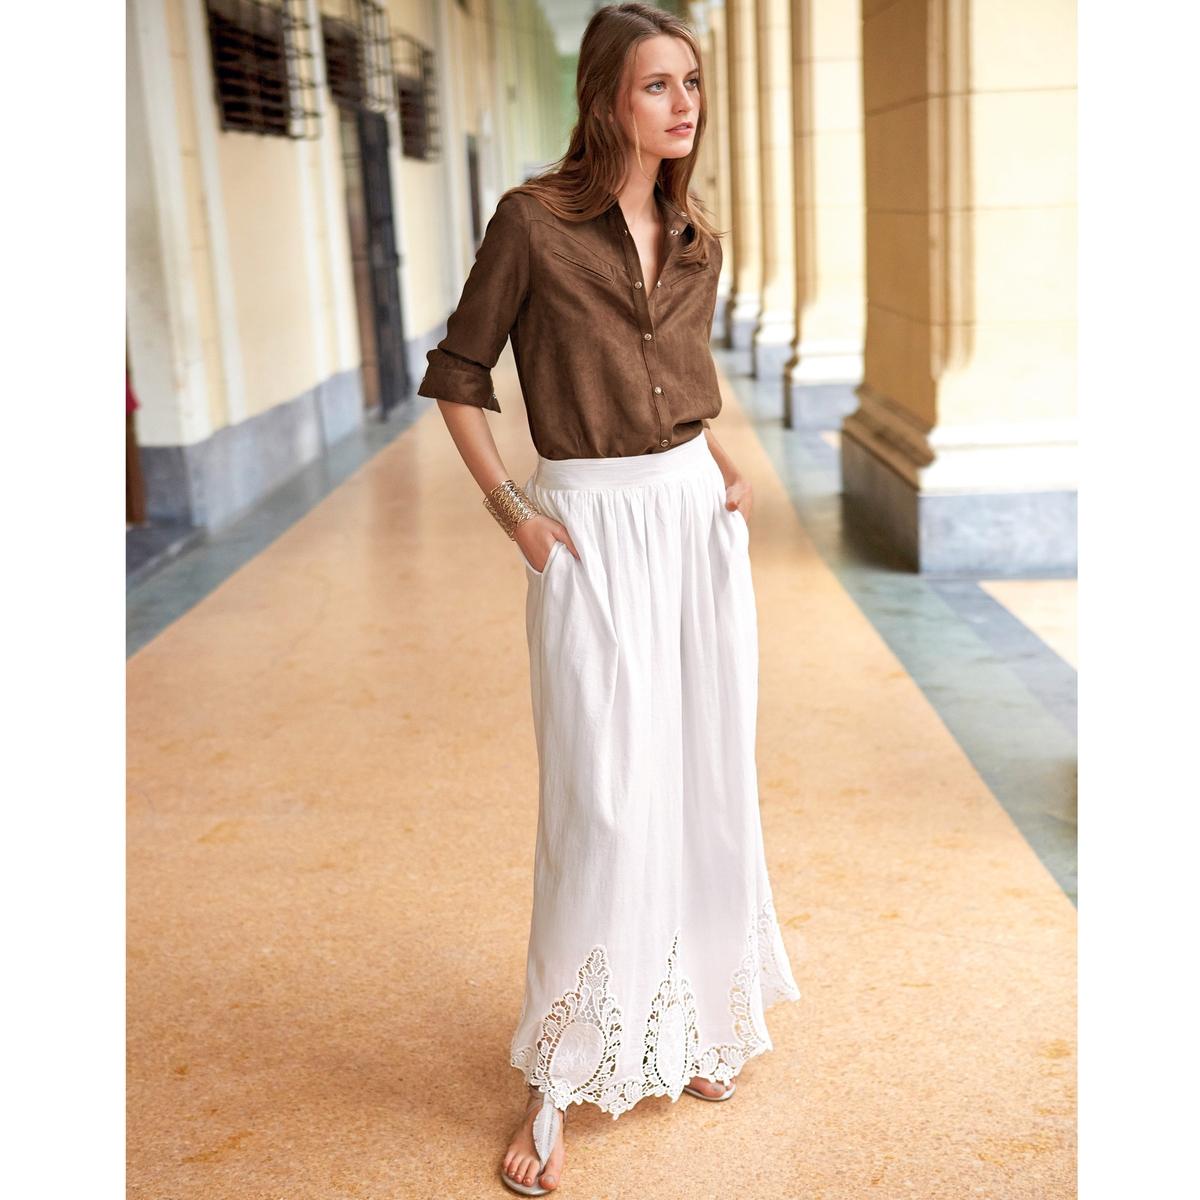 Юбка длинная с вышивкойДлинная юбка с вышивкой. 100% хлопка. Свободный покрой. Подкладка из вуали, 100% хлопка. Длина 103 см.<br><br>Цвет: слоновая кость